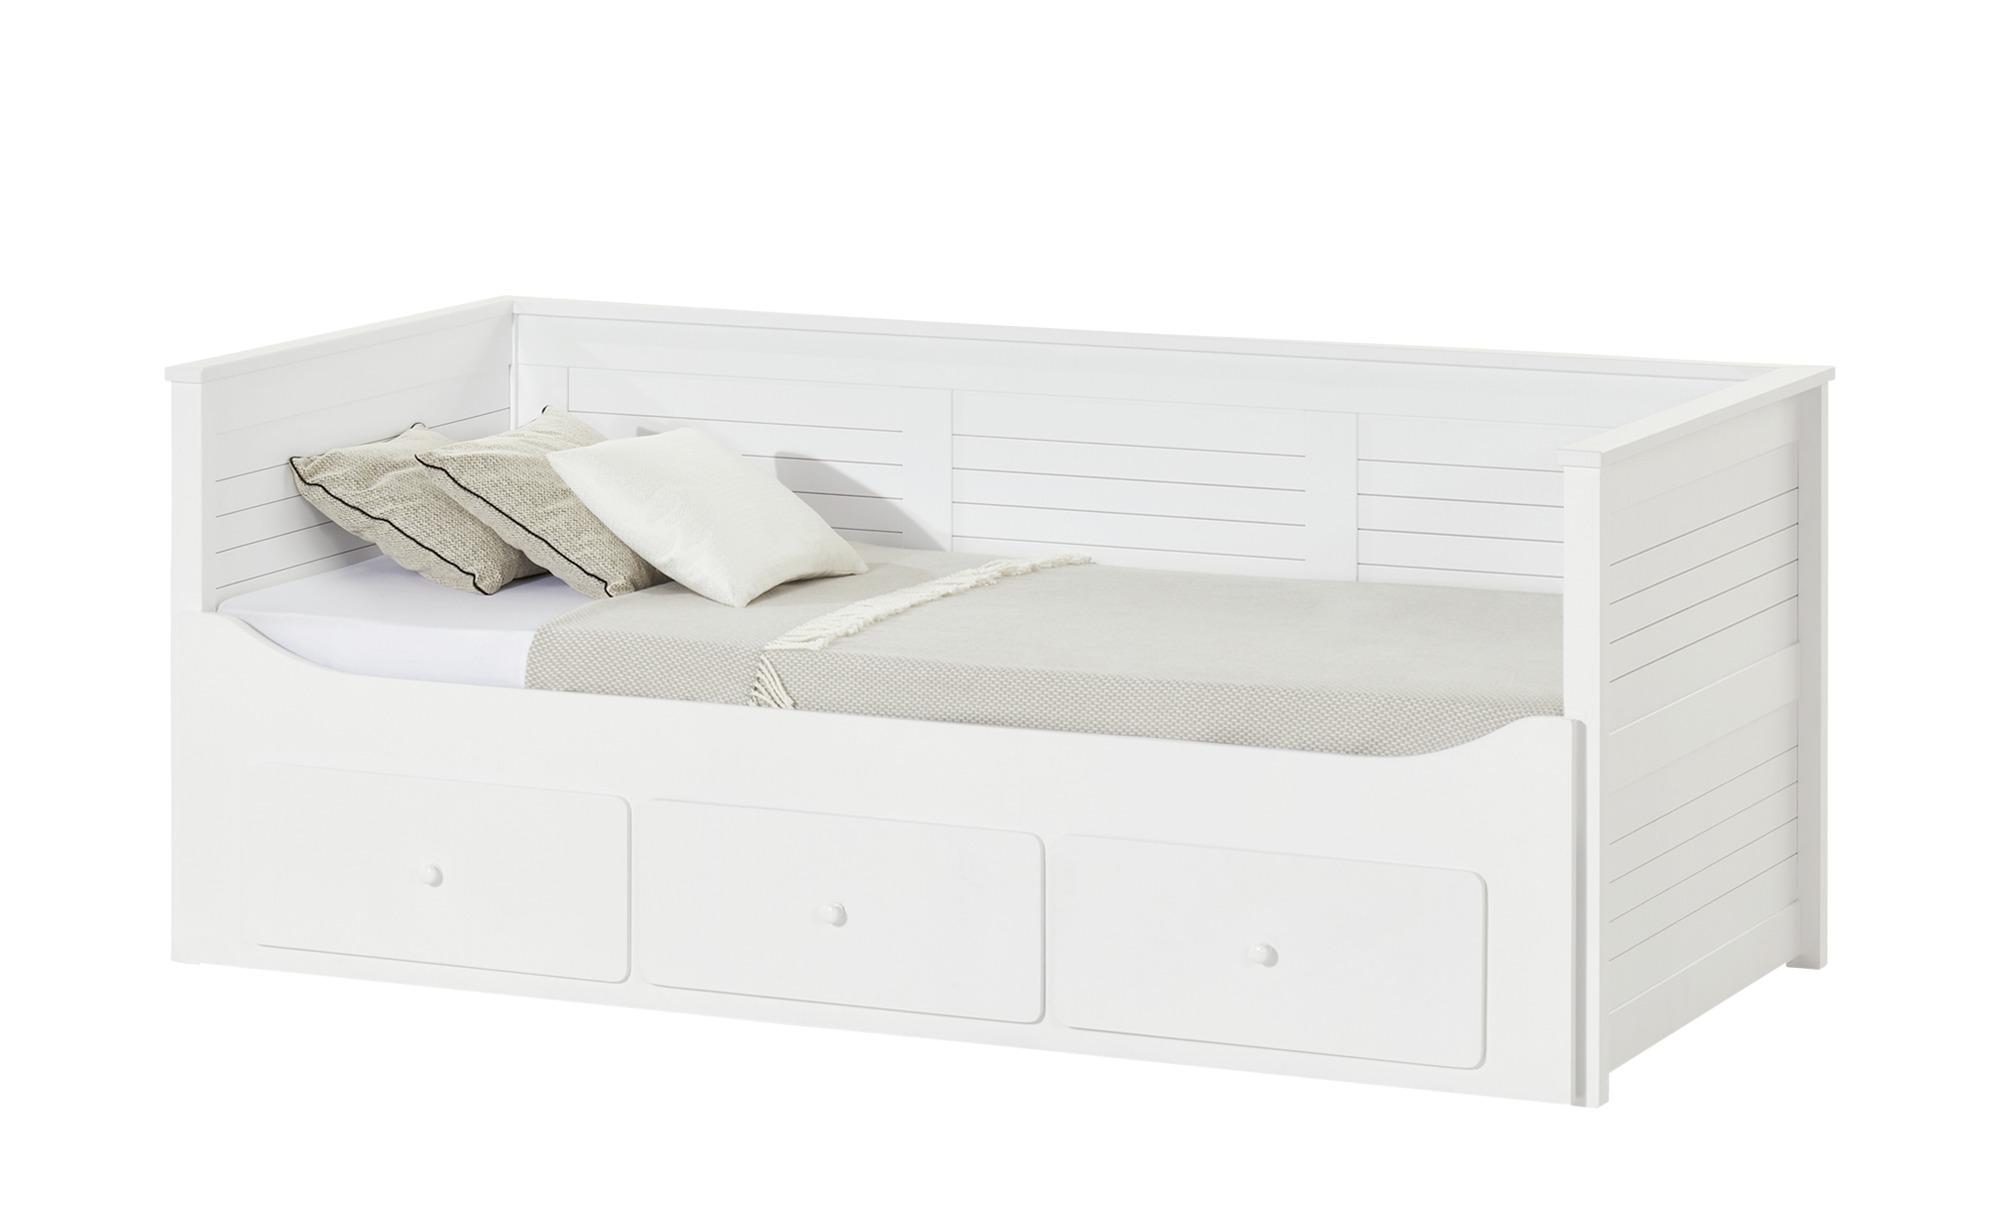 Einzelbett mit Schubkästen 90x200 - weiß Merton Duo ¦ weiß ¦ Maße (cm): B: 97,7 H: 86 T: 210,7 Betten > Futonbetten - Höffner